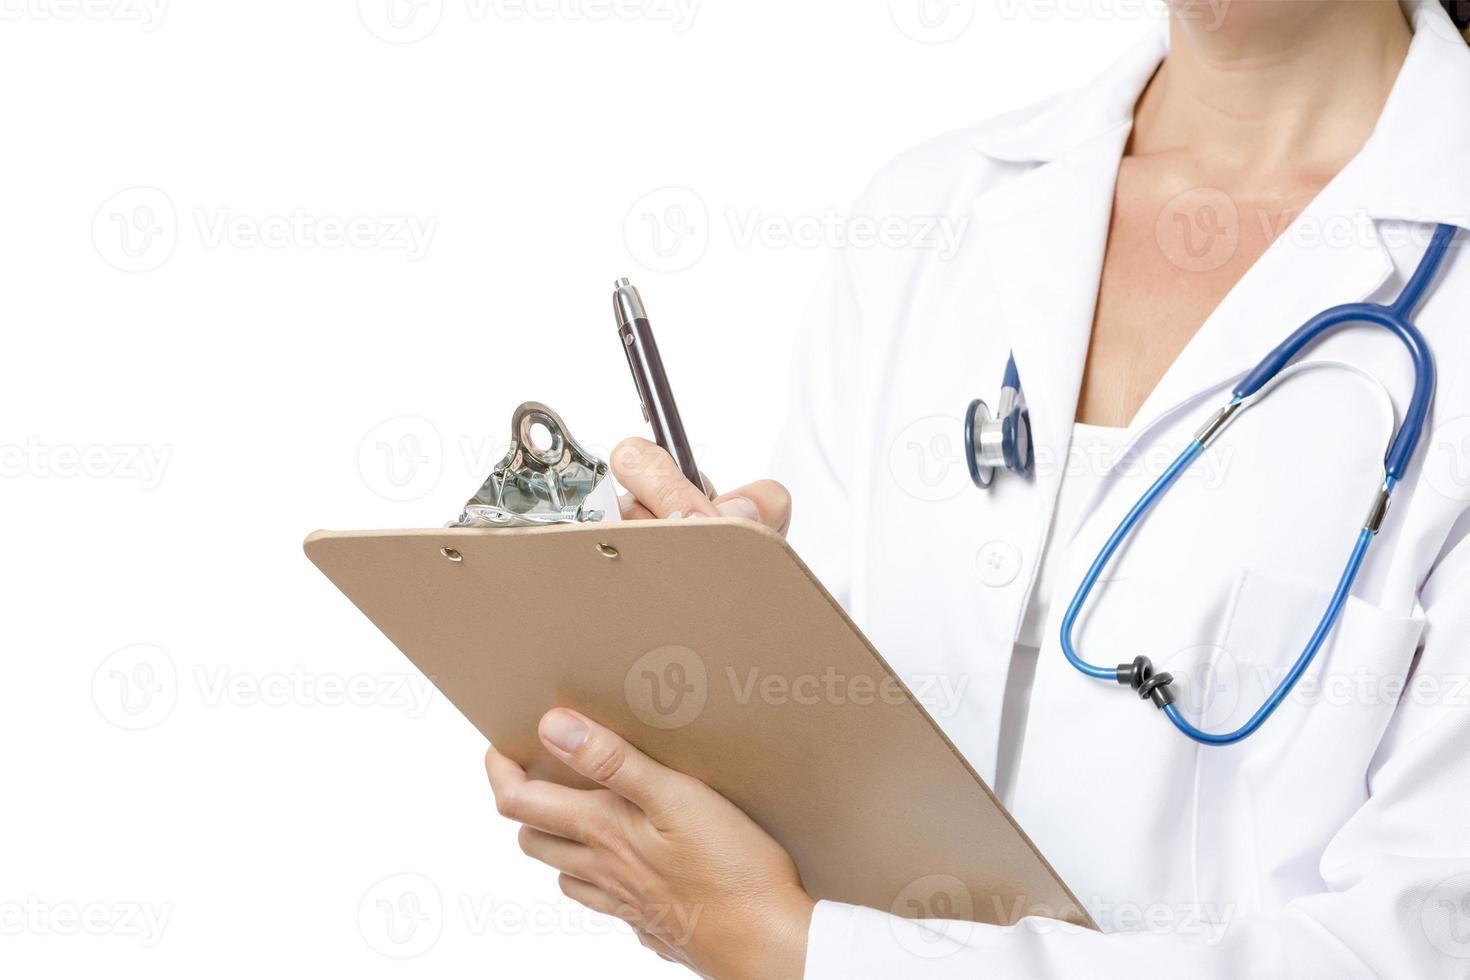 läkare skriver foto